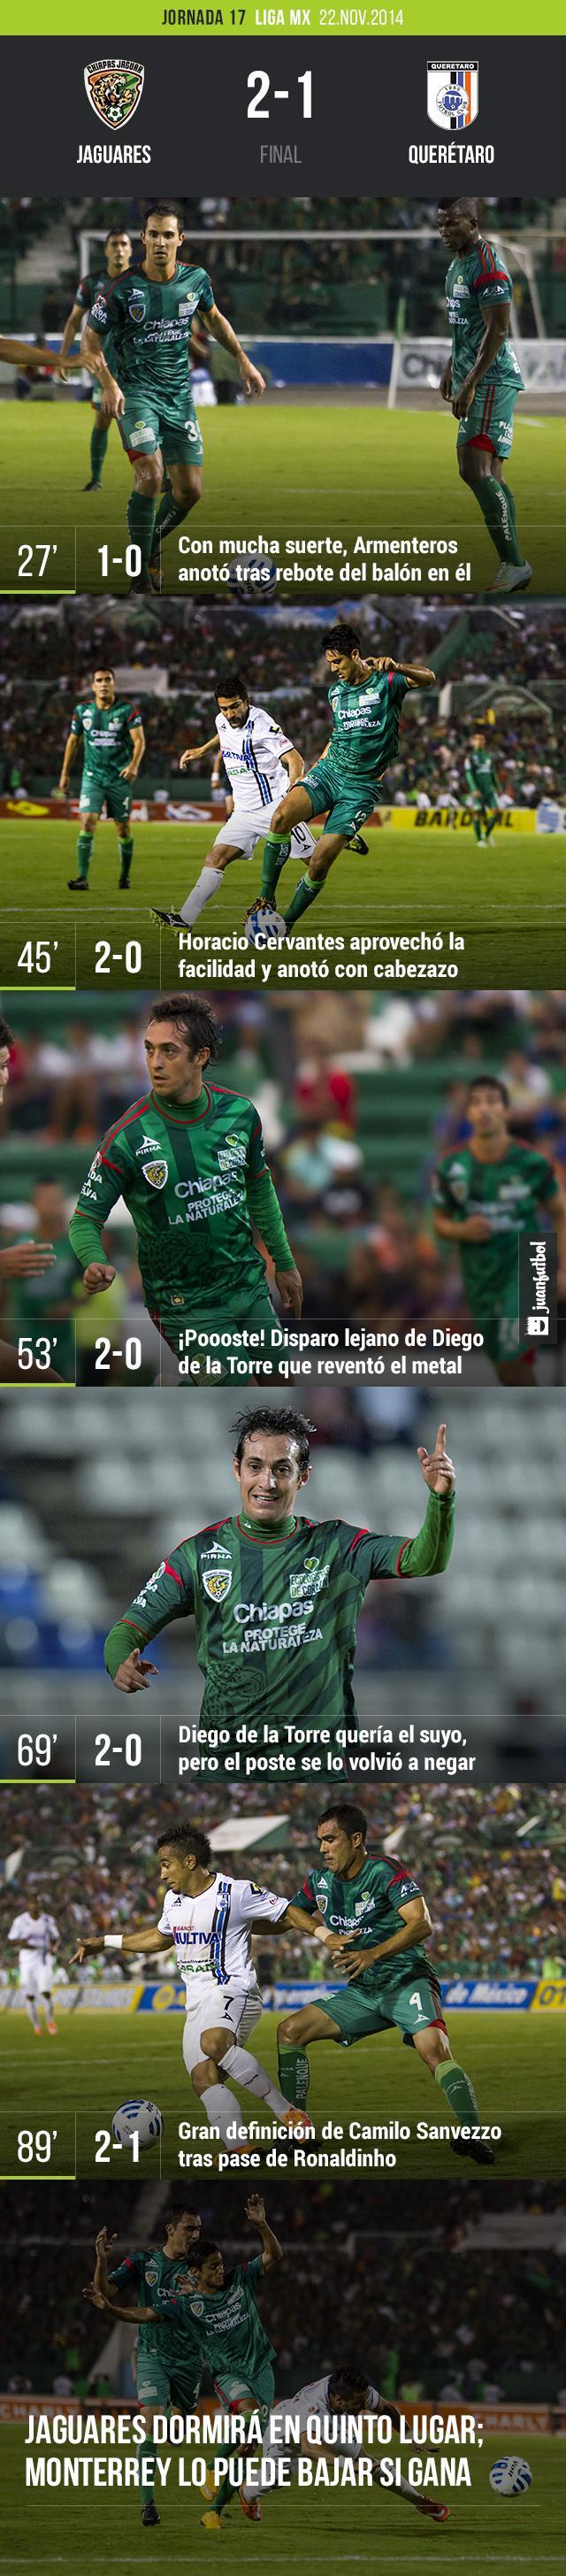 Jaguares vs. Querétaro